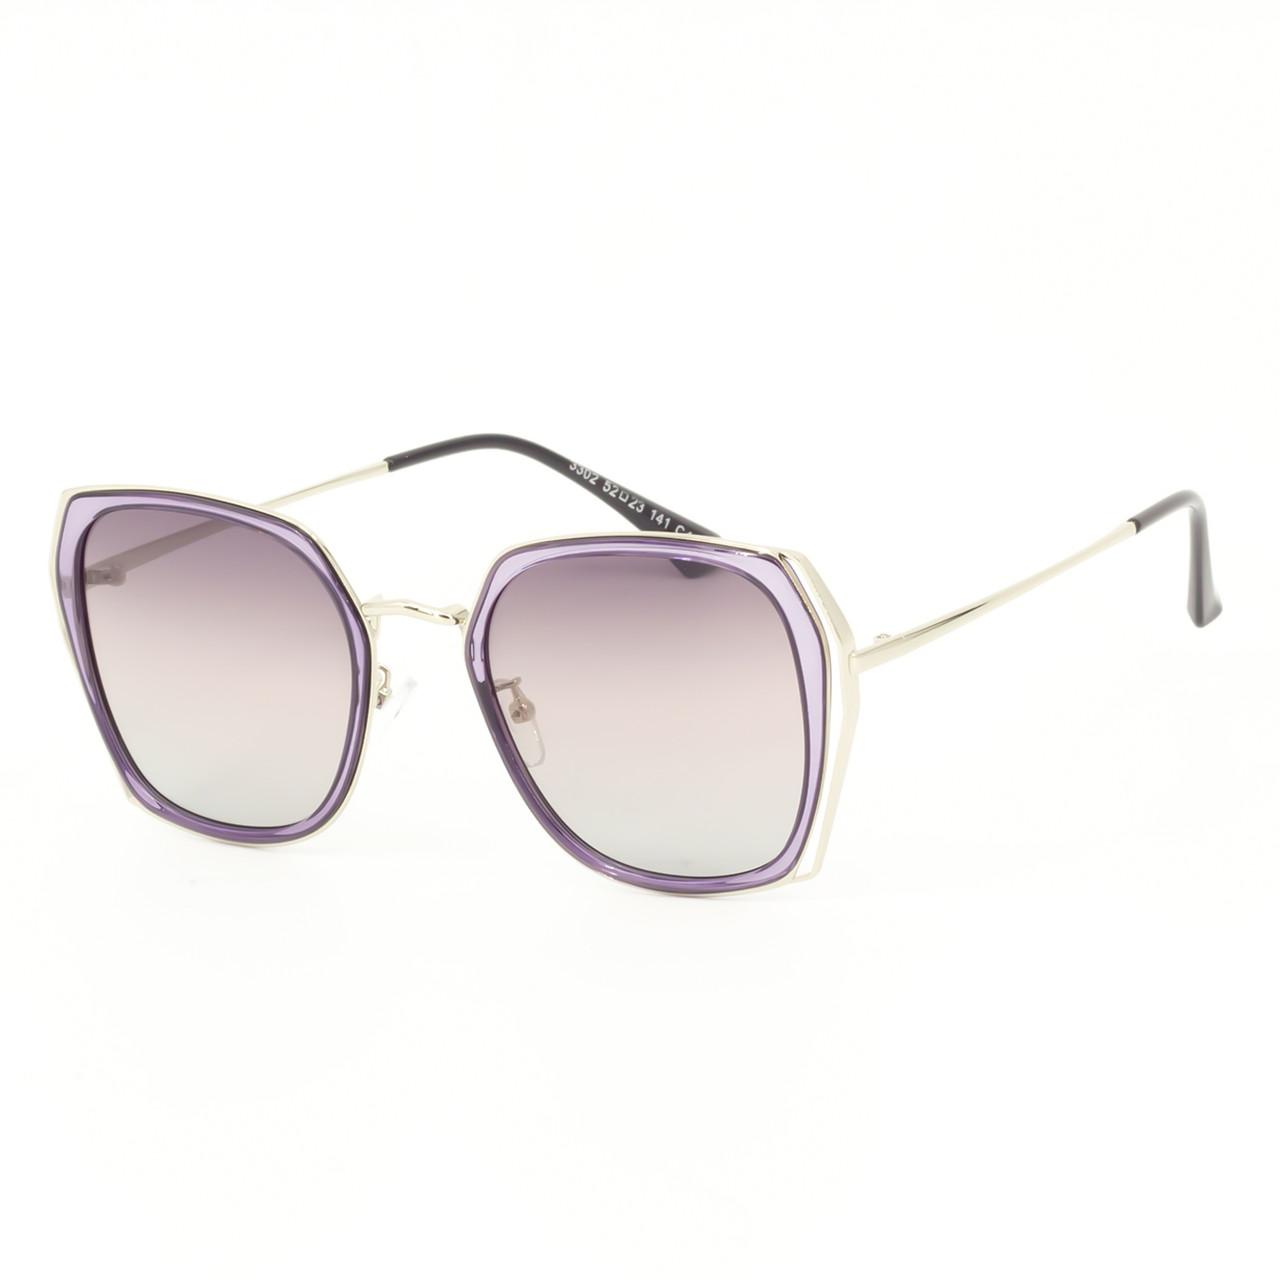 Солнцезащитные очки Marmilen TR-90 3302 C4 фиолет    ( YA3302-04 )